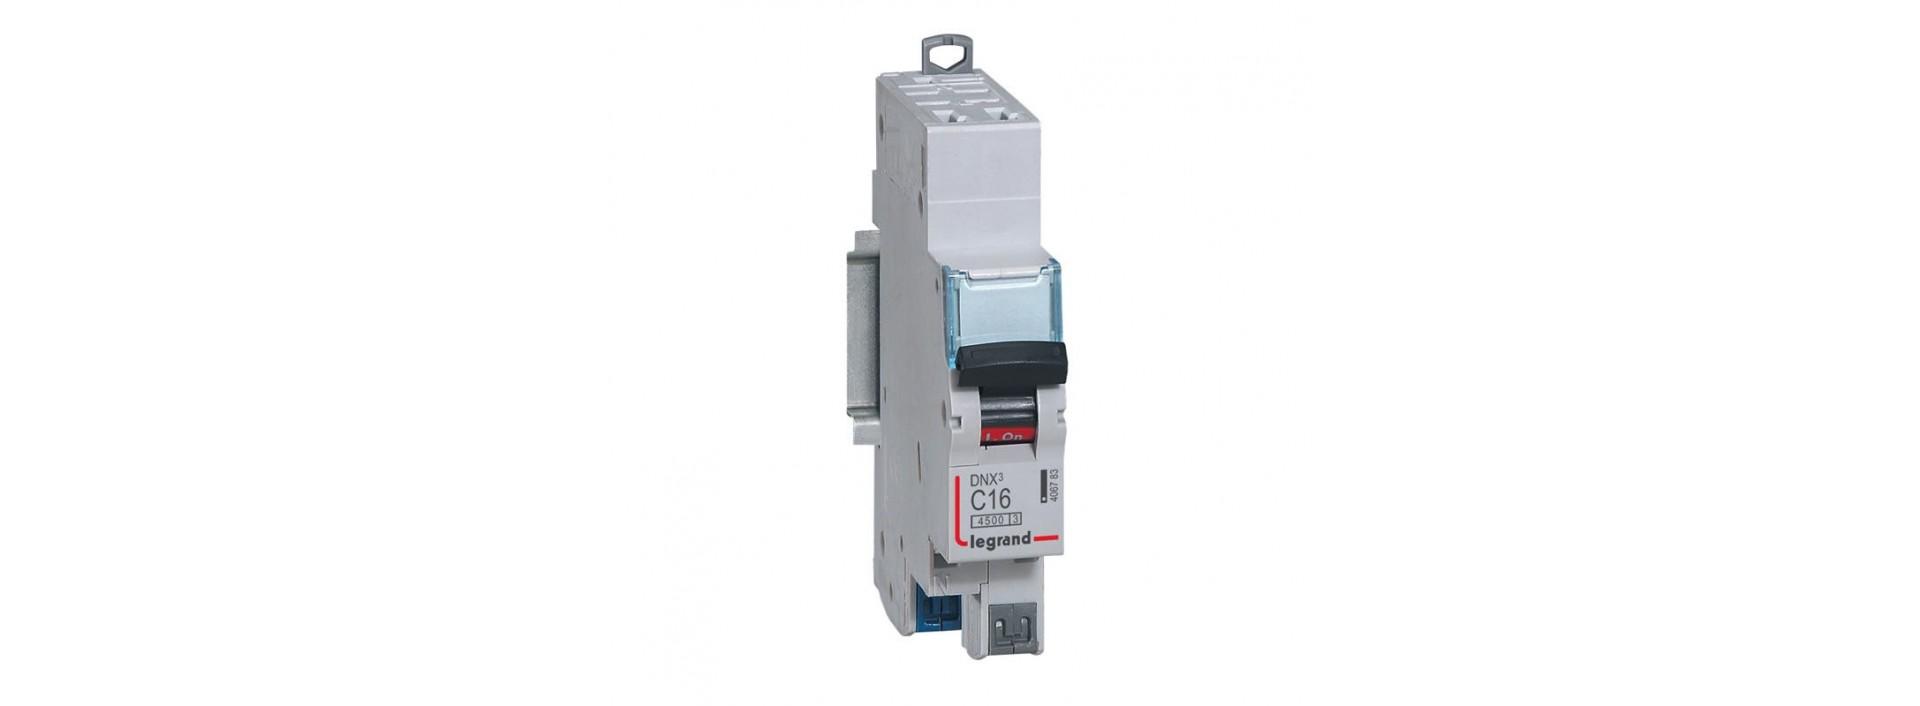 LEGRAND - Disjoncteur, interrupteur différentiel, télérupteur.